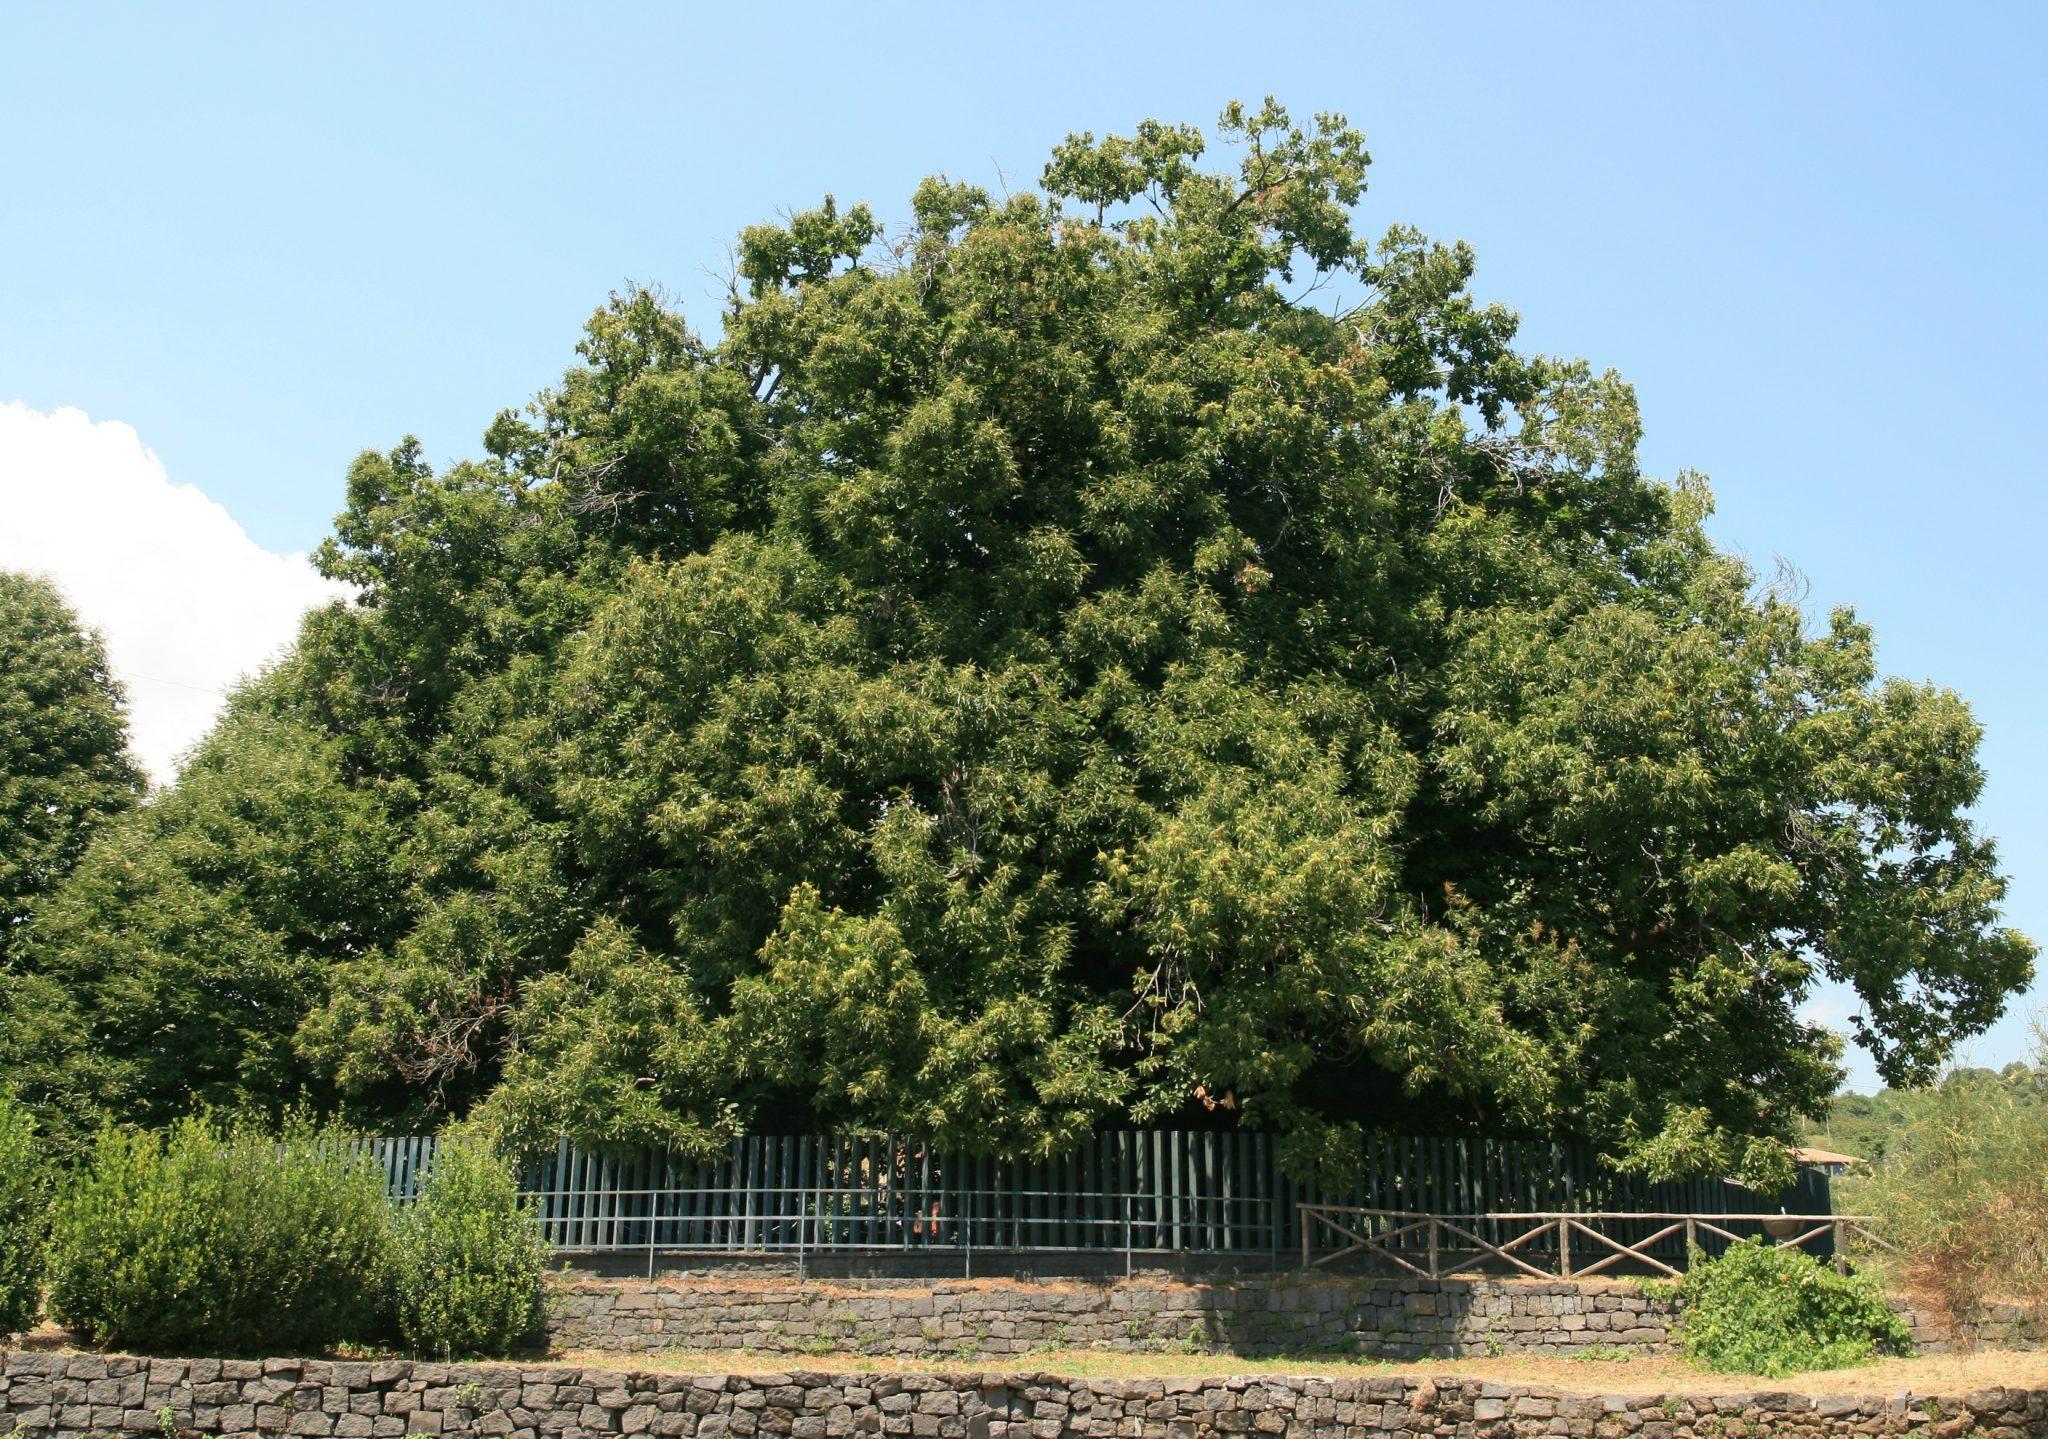 L'albero più antico d'Europa si trova in Sicilia: il Castagno dei cento  cavalli